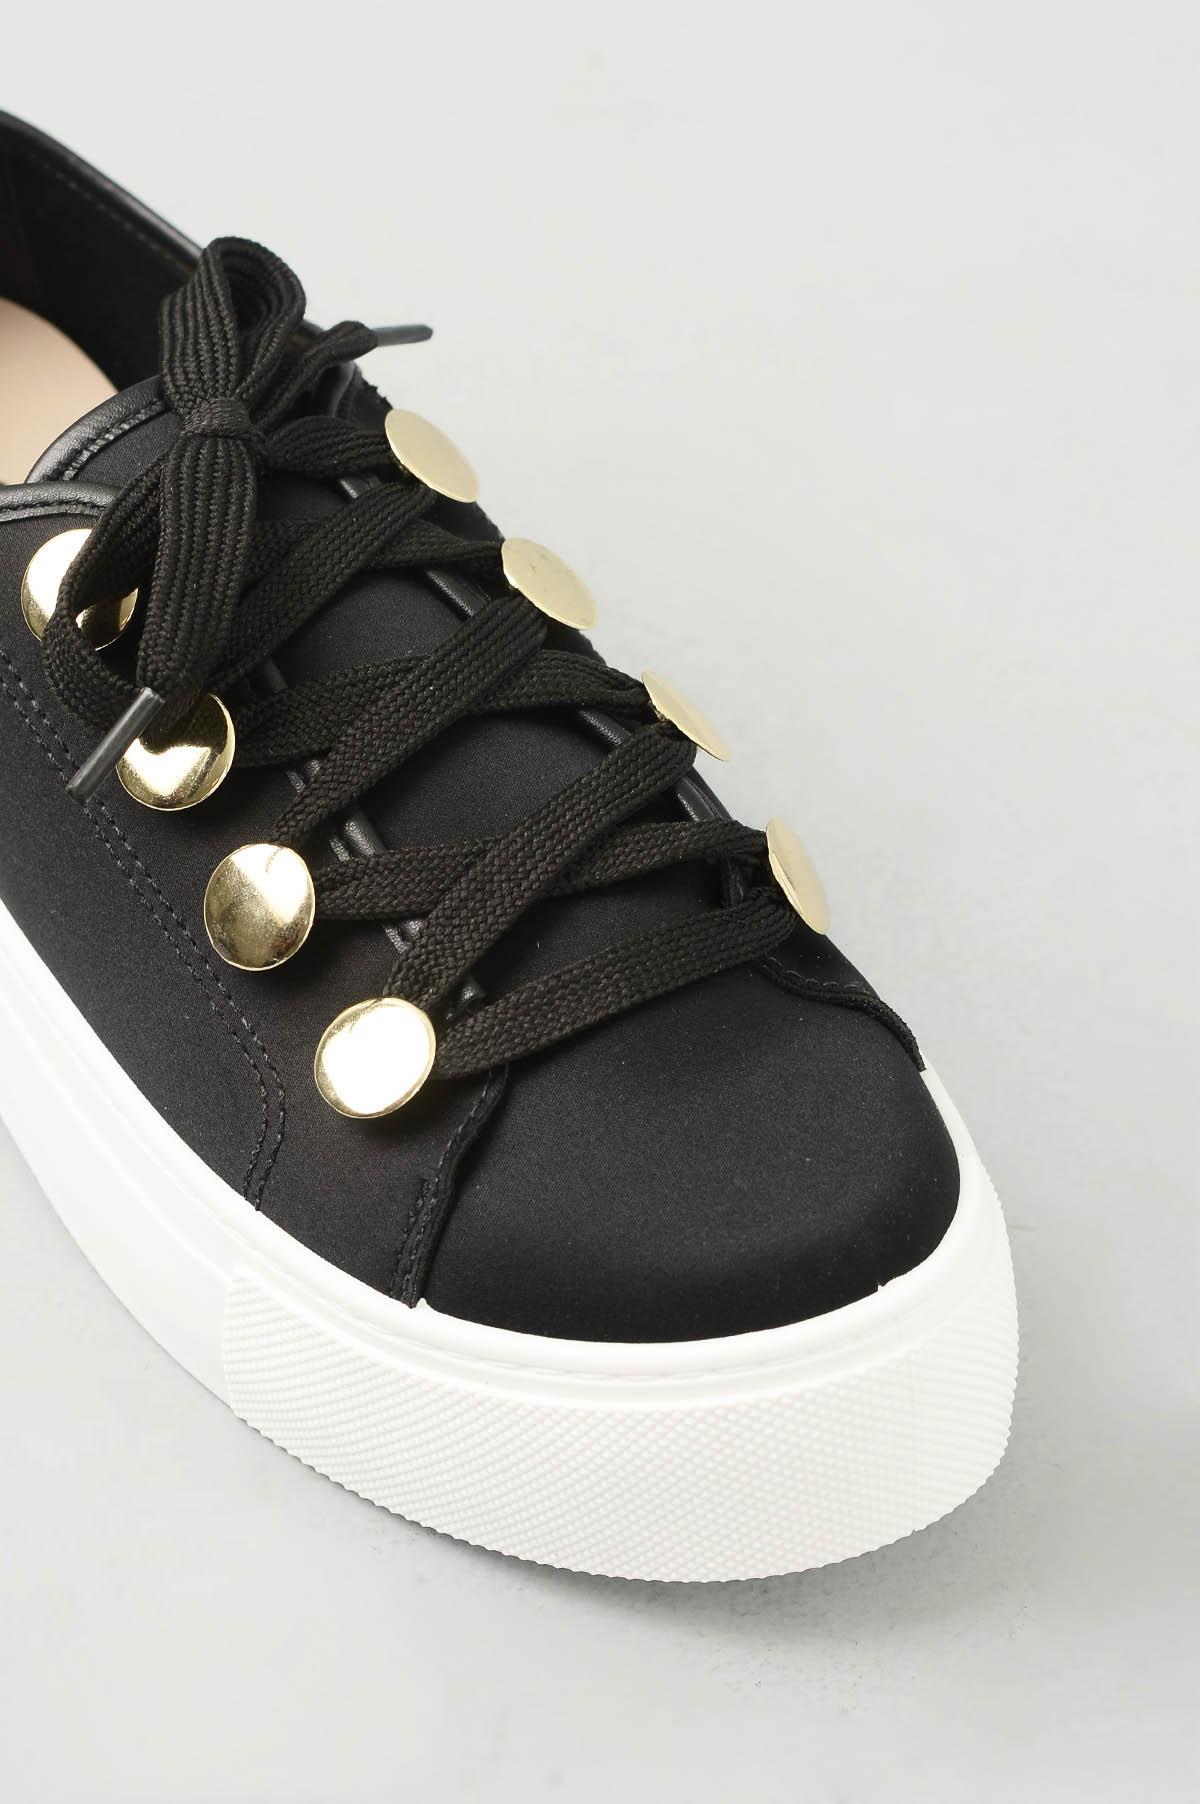 4e3357de63 Tênis Feminino Plataforma Jodie Moleca TEC - PRETO - Mundial Calçados